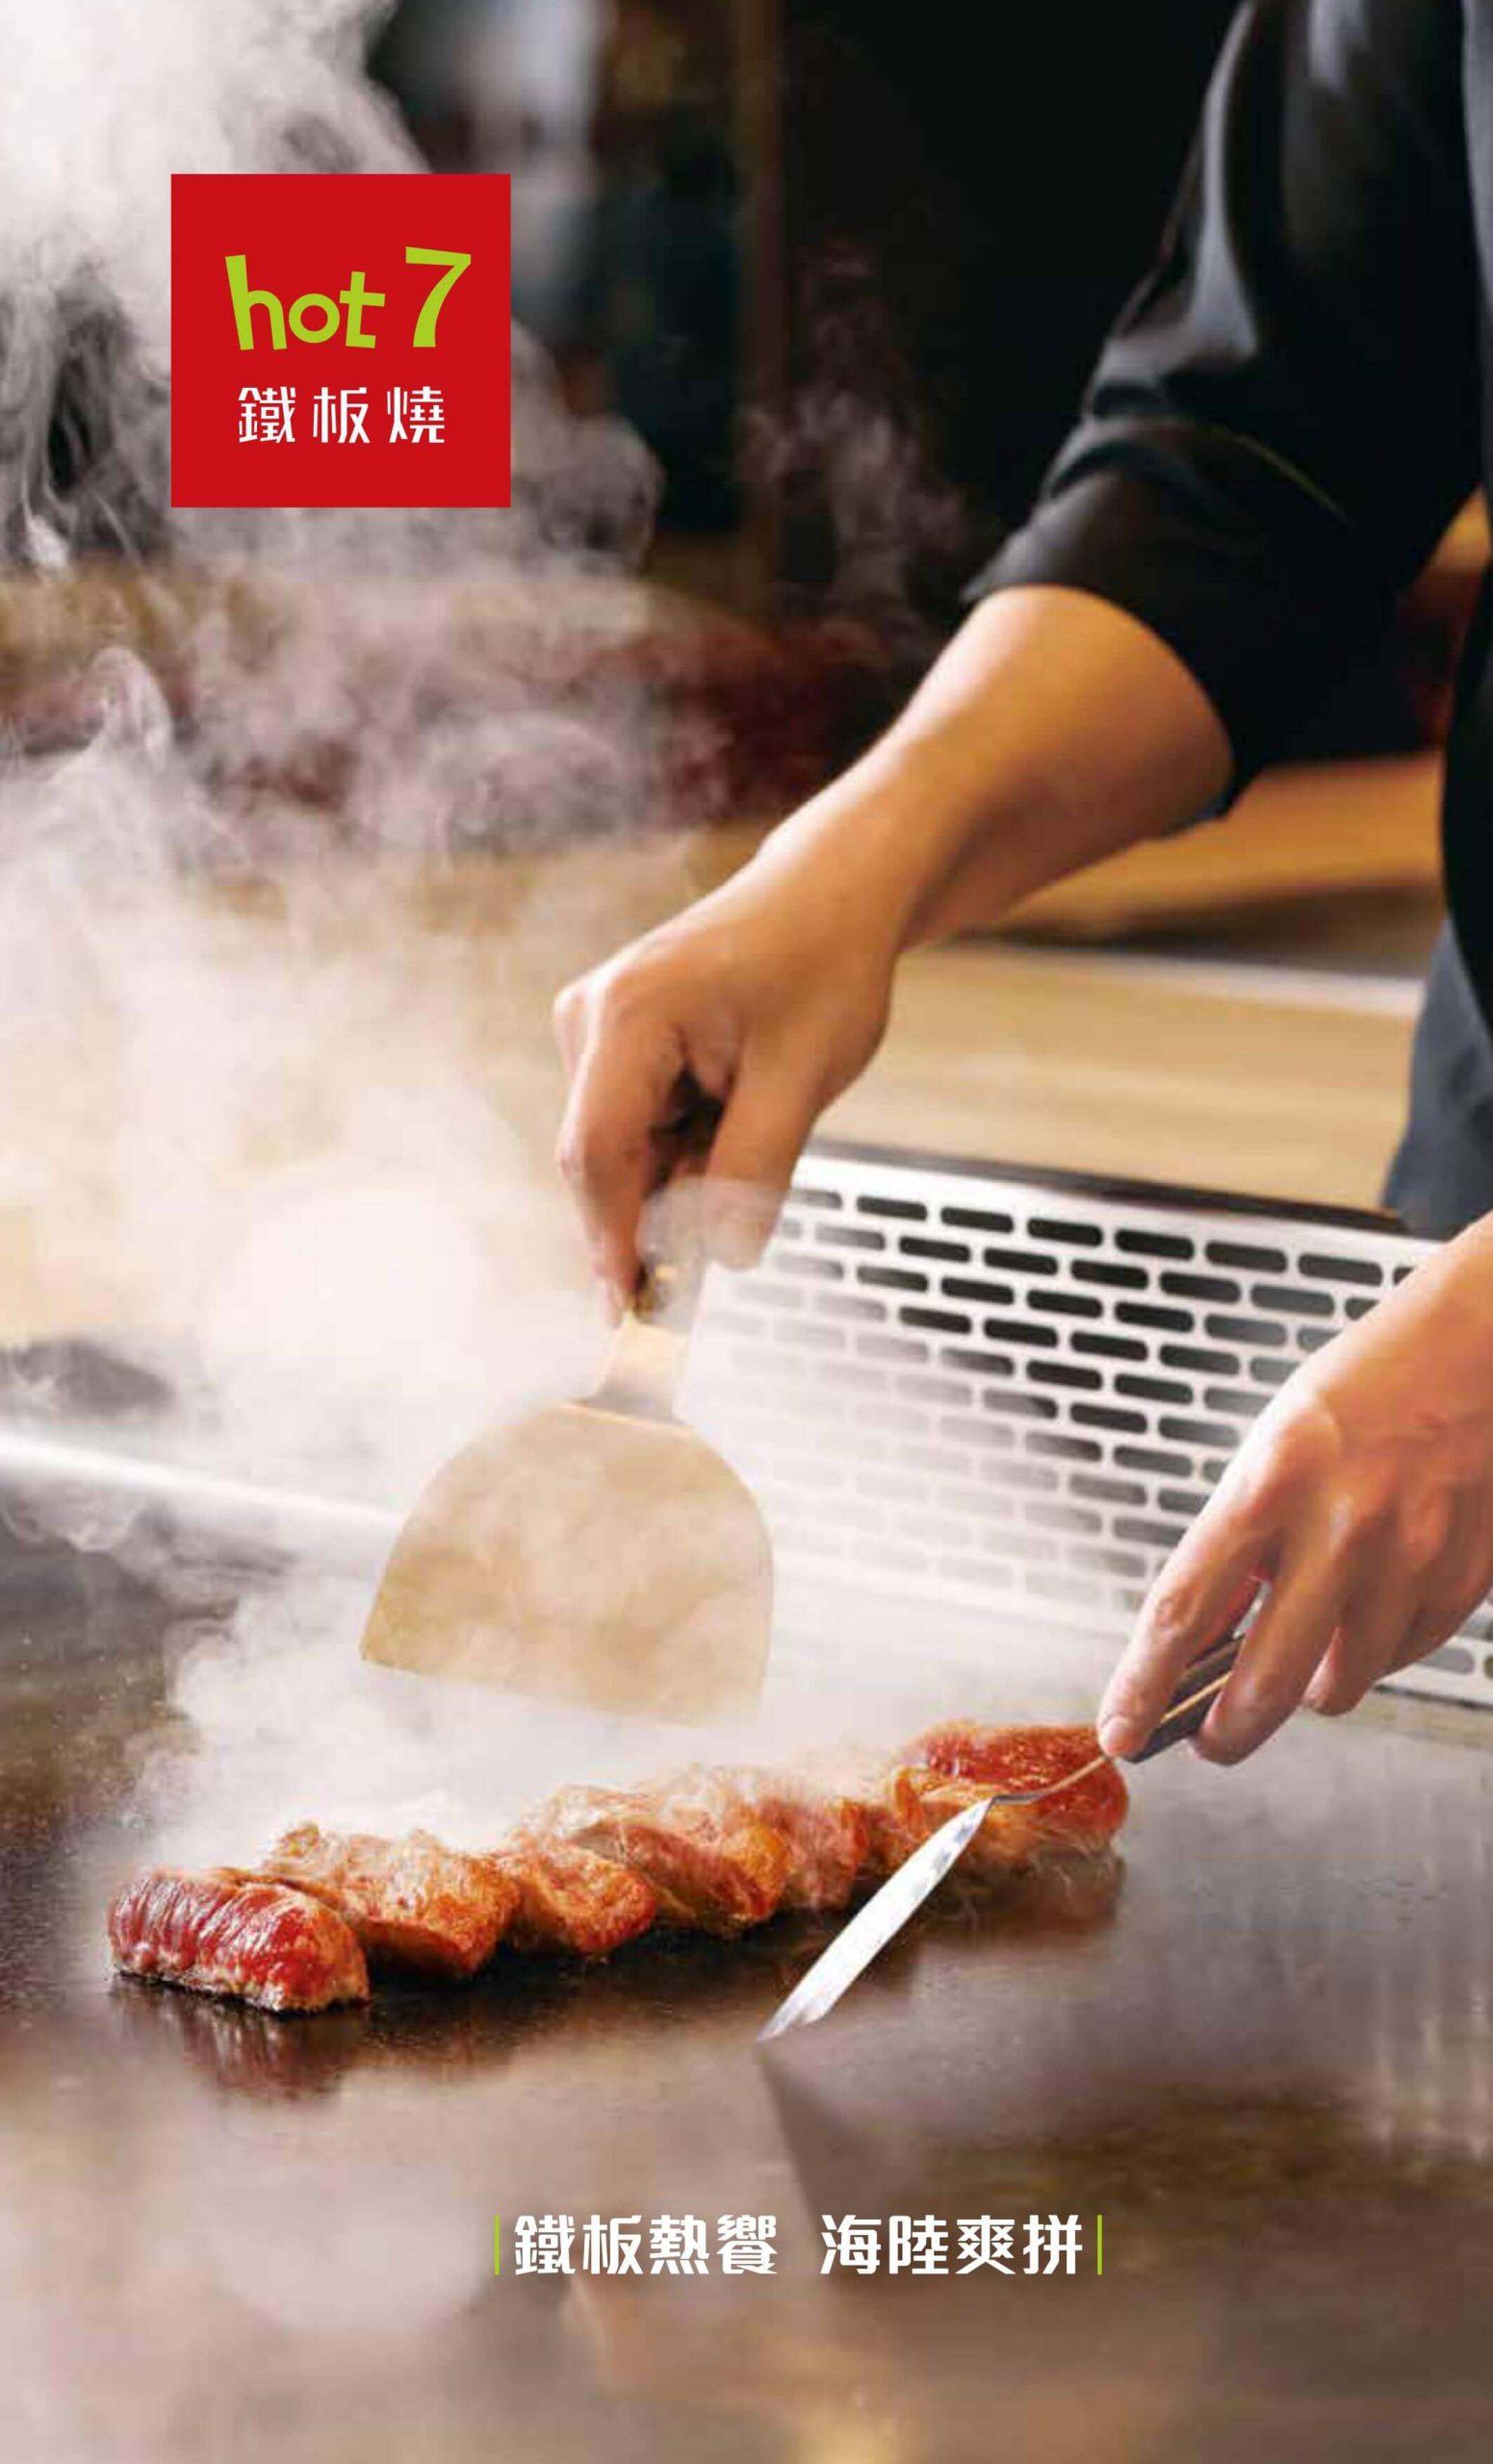 hot 7新鉄板料理菜單MENU